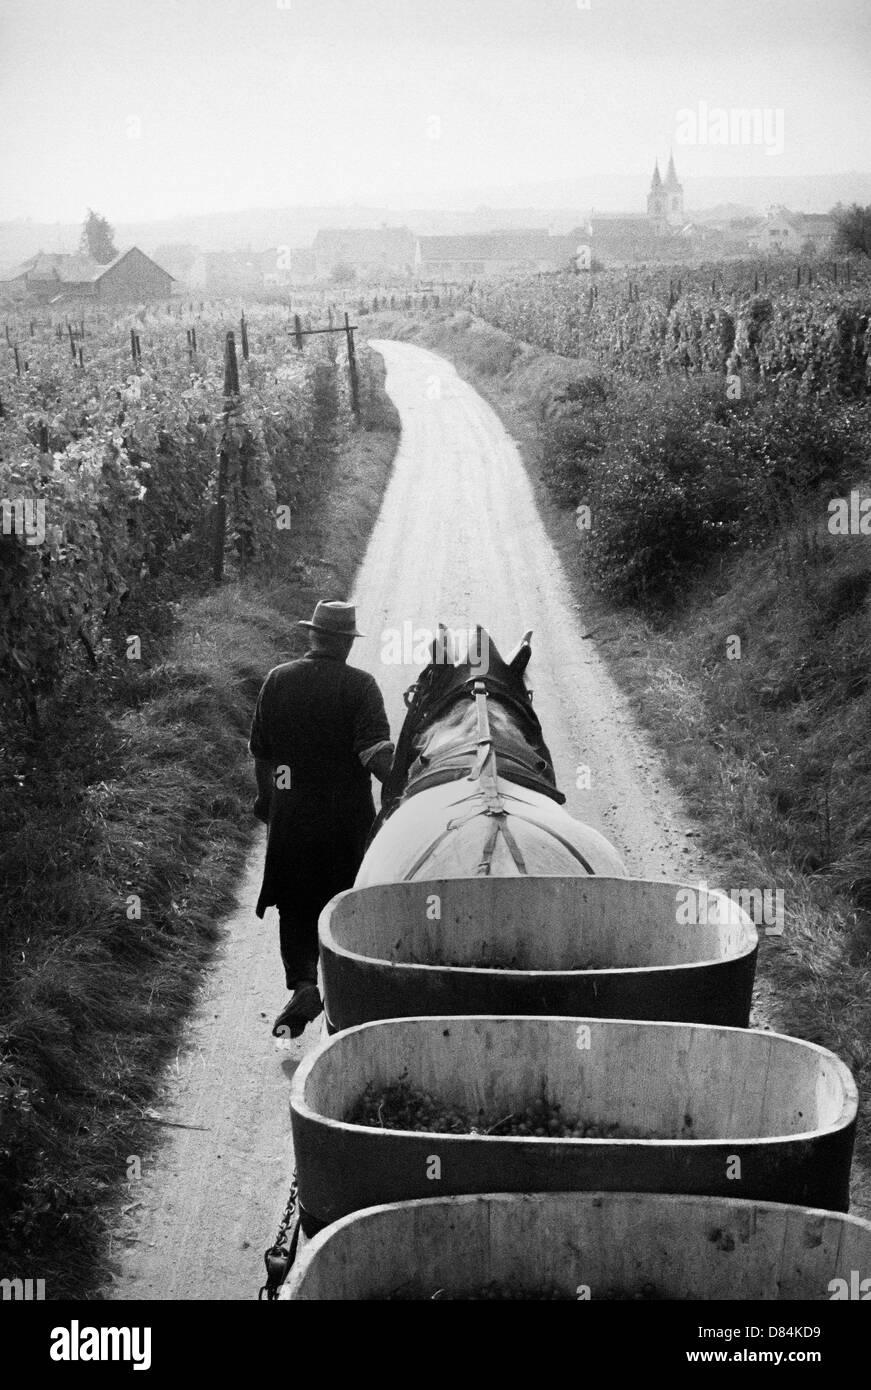 1963 Pferden gezogenen Anhänger mit Trauben Ernte Elsass Frankreich Europa Stockbild